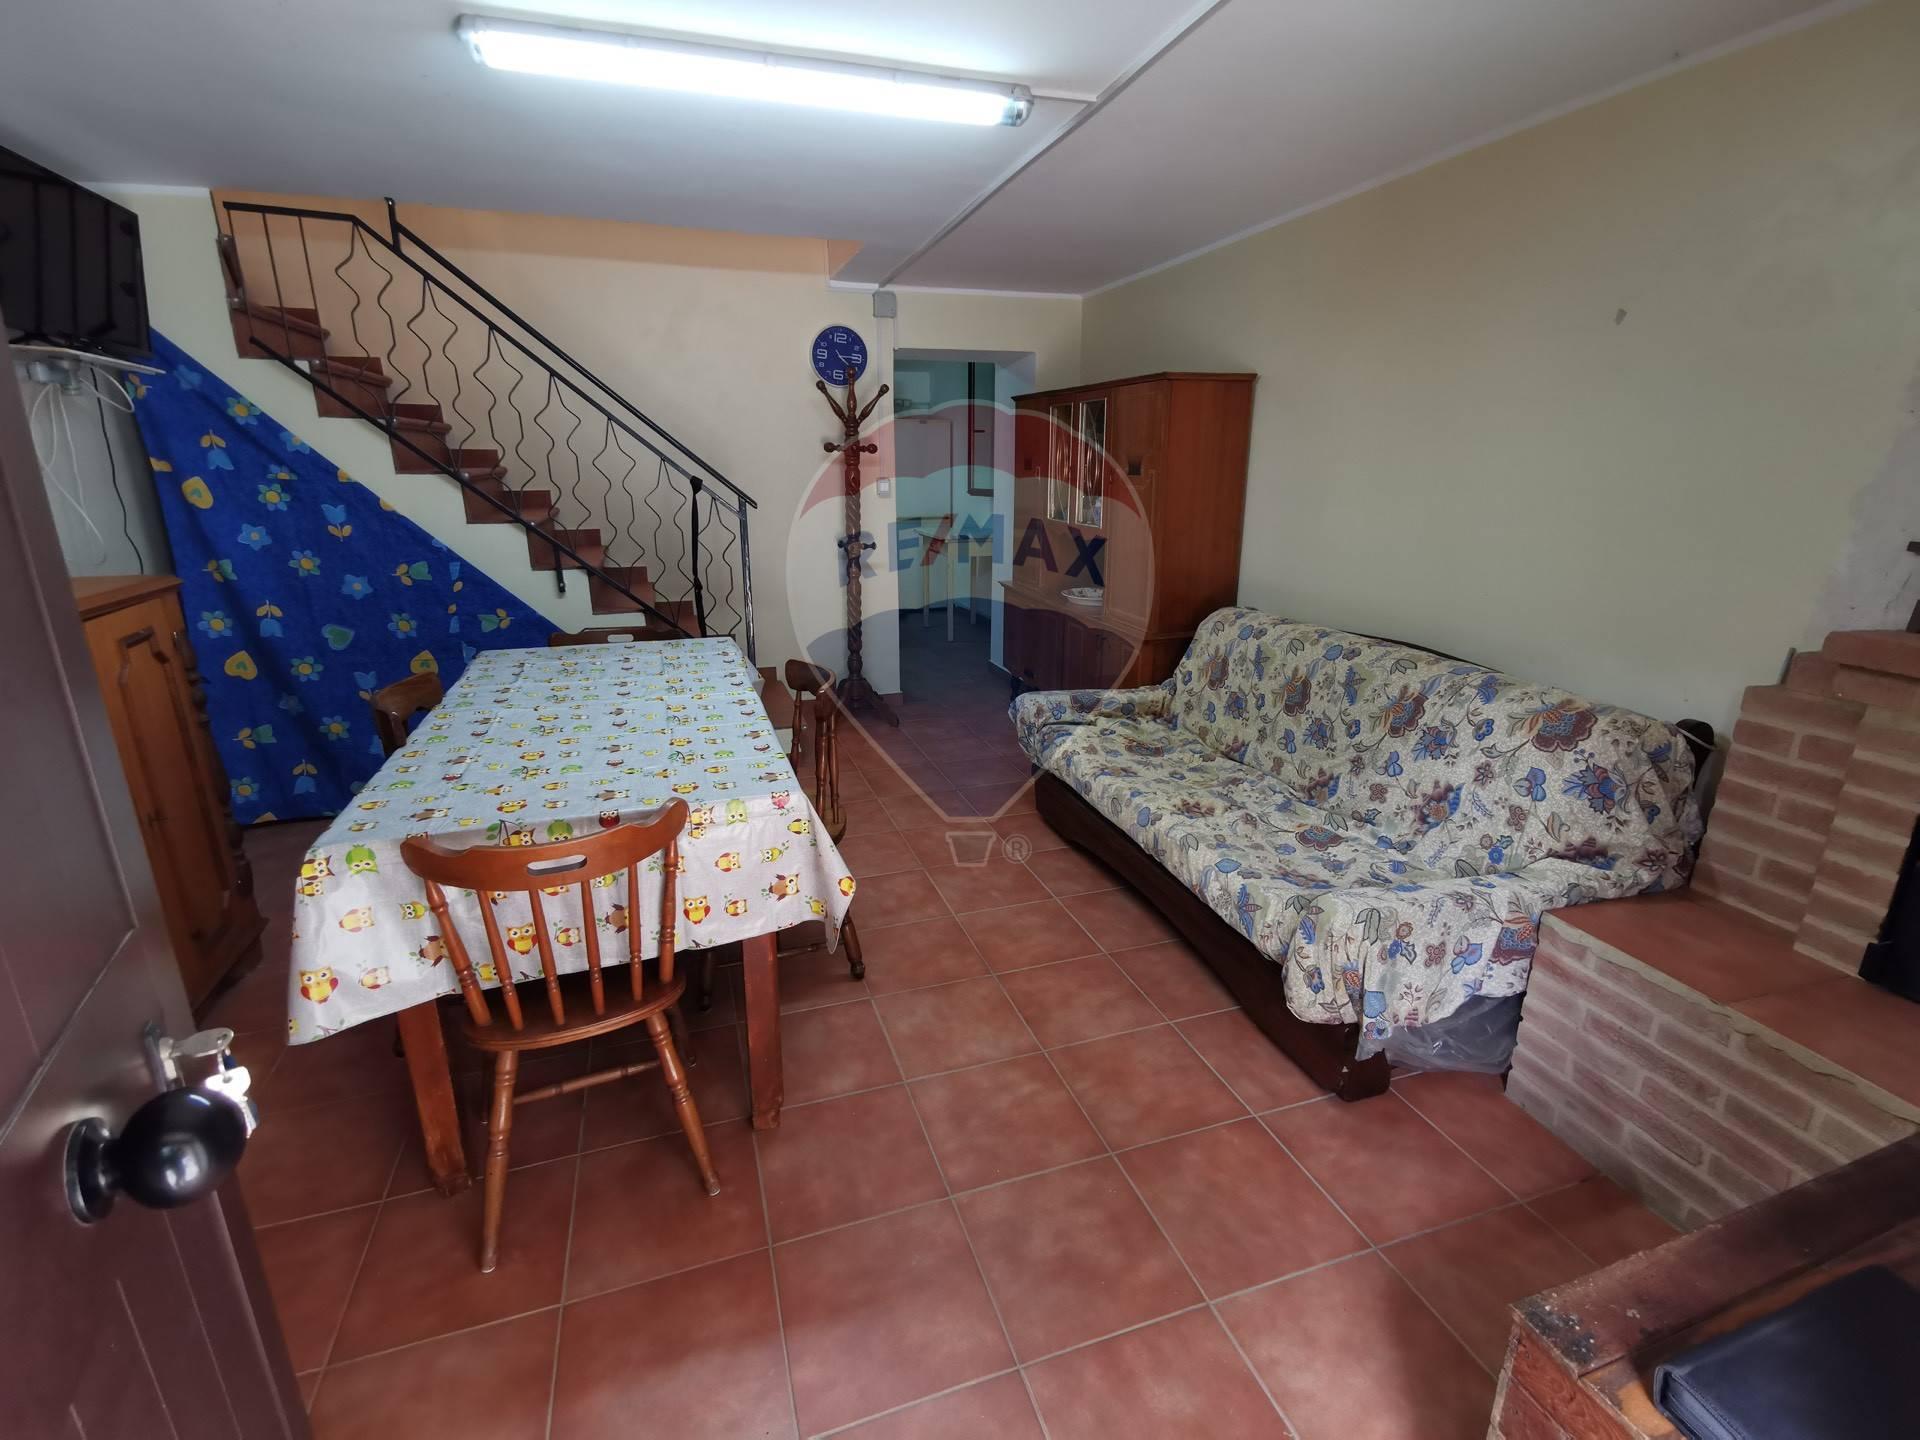 Soluzione Indipendente in vendita a Atessa, 3 locali, prezzo € 88.000 | CambioCasa.it